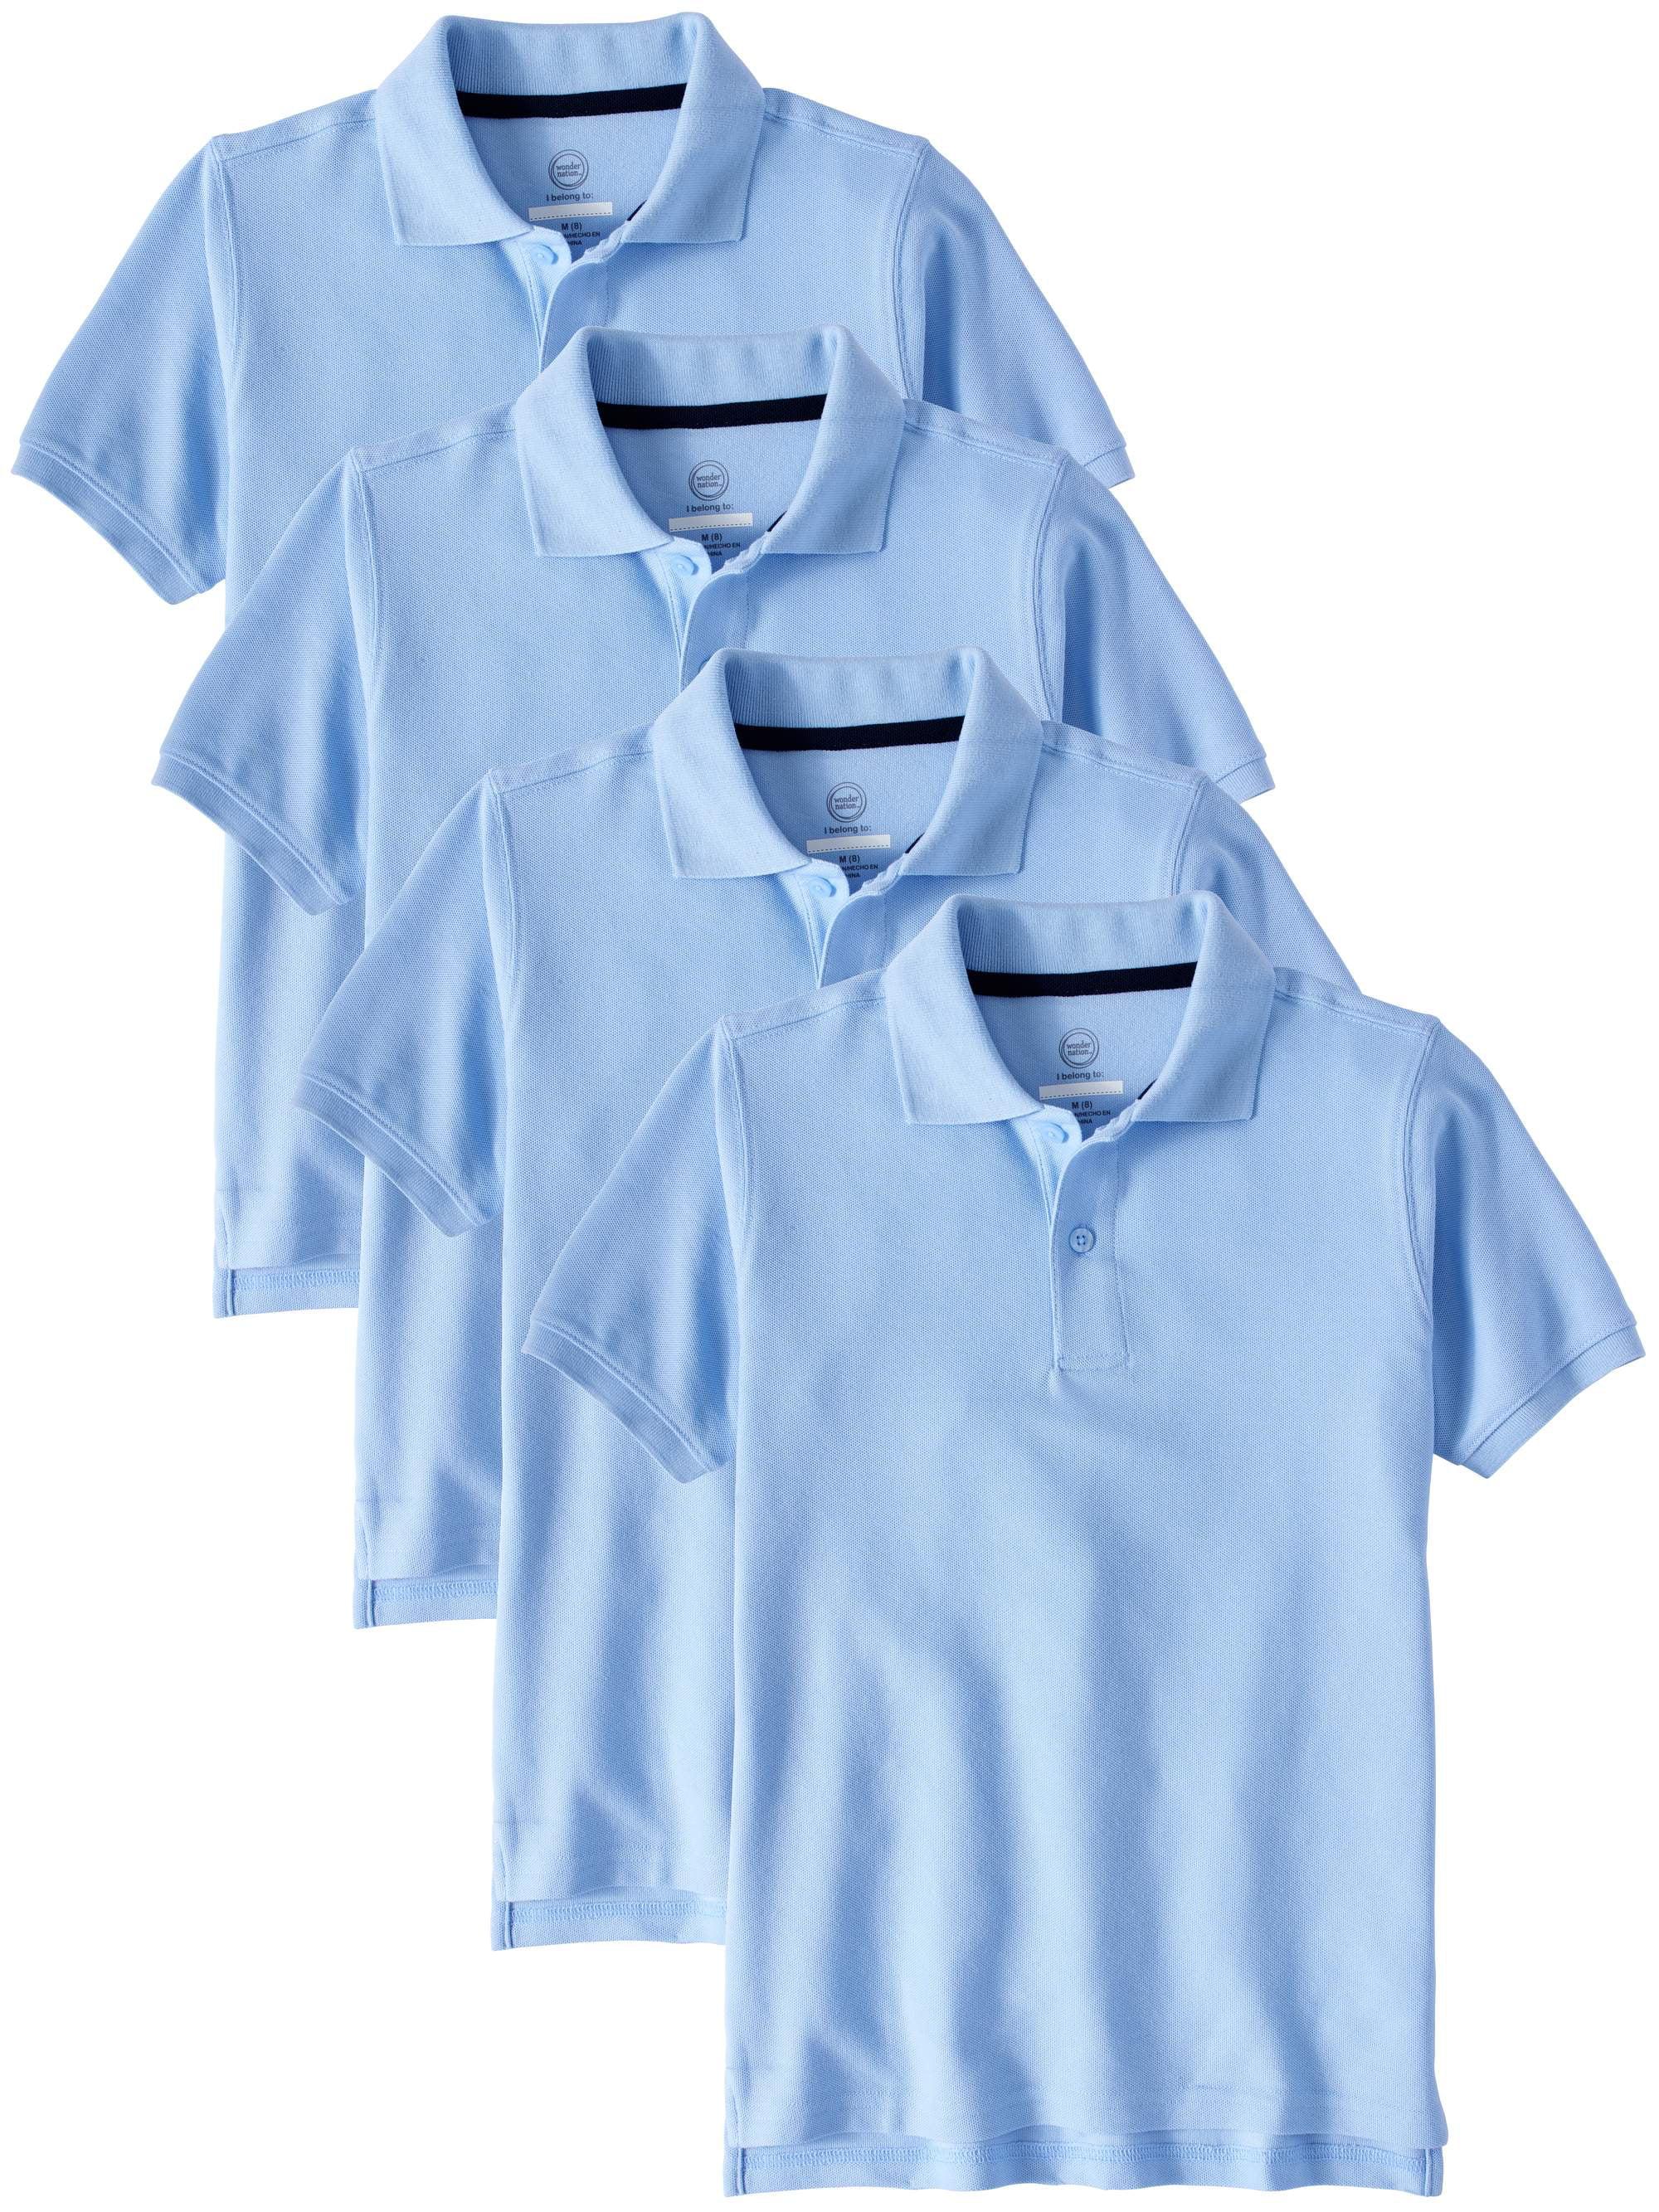 Boys School Uniform Short Sleeve Double Pique Polo, 4-Pack Value Bundle